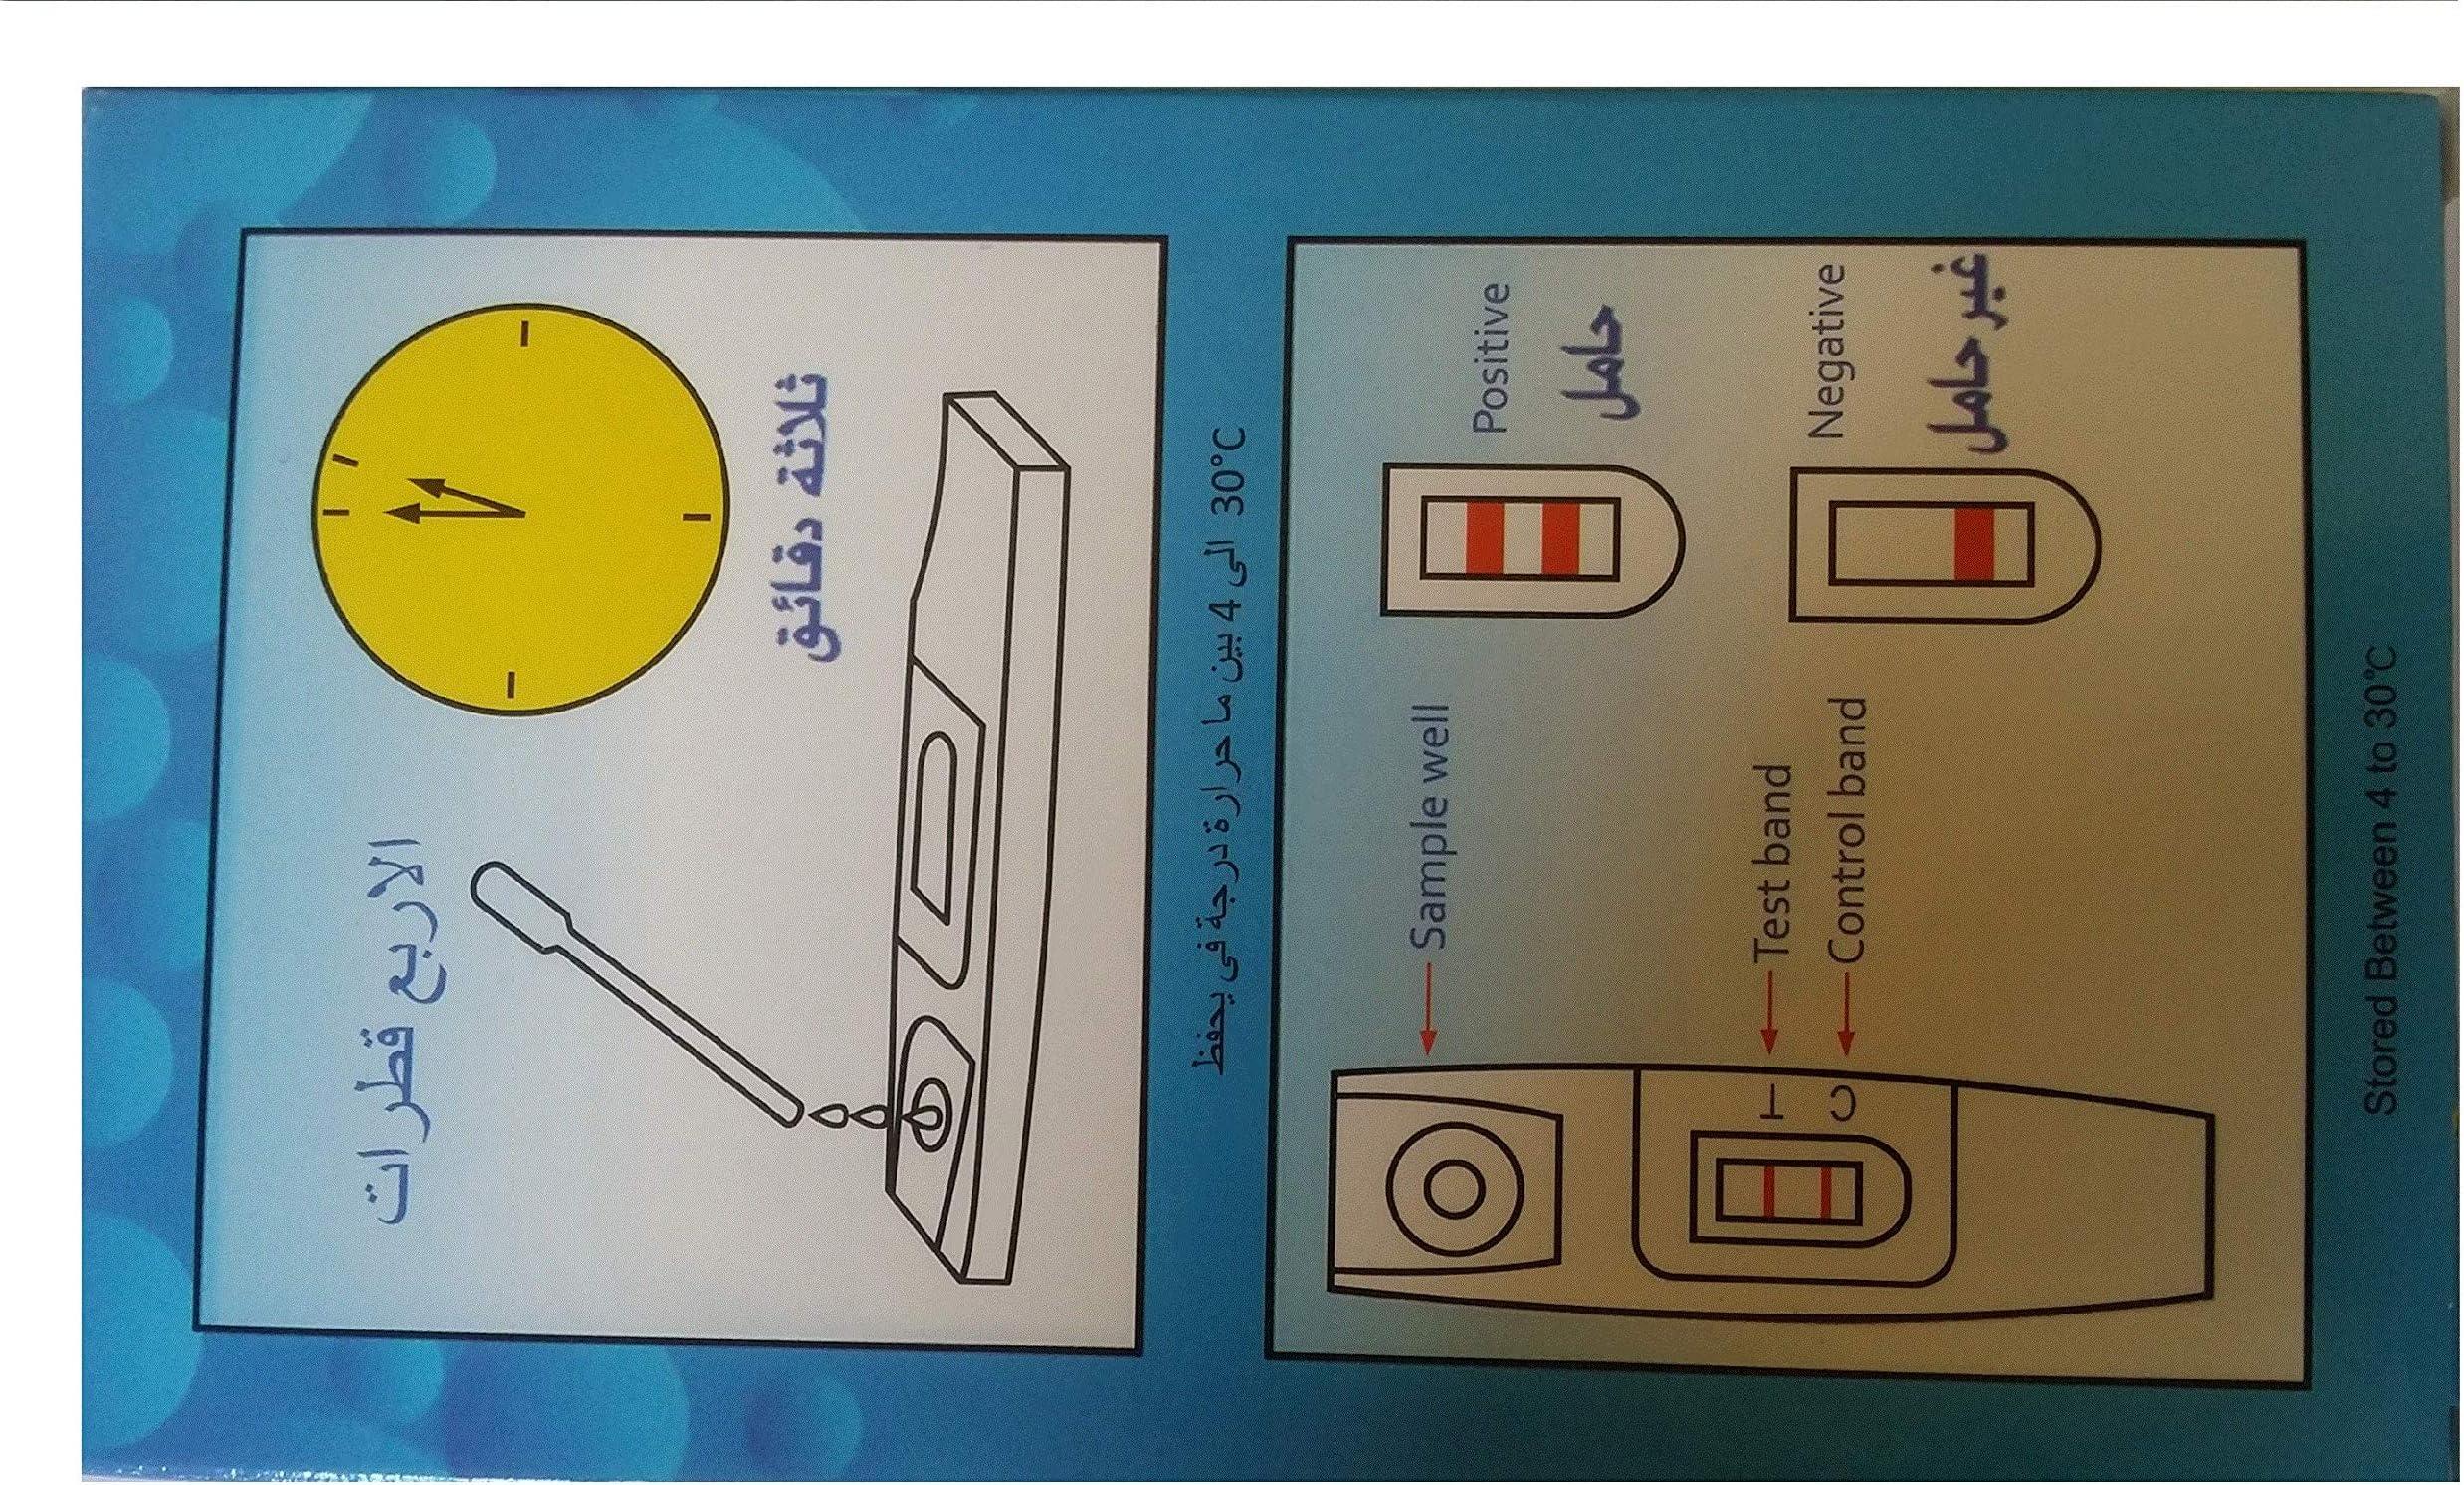 سعر اختبار حمل منزلي دقيق من فيرست ستيب فى السعودية بواسطة امازون السعودية كان بكام